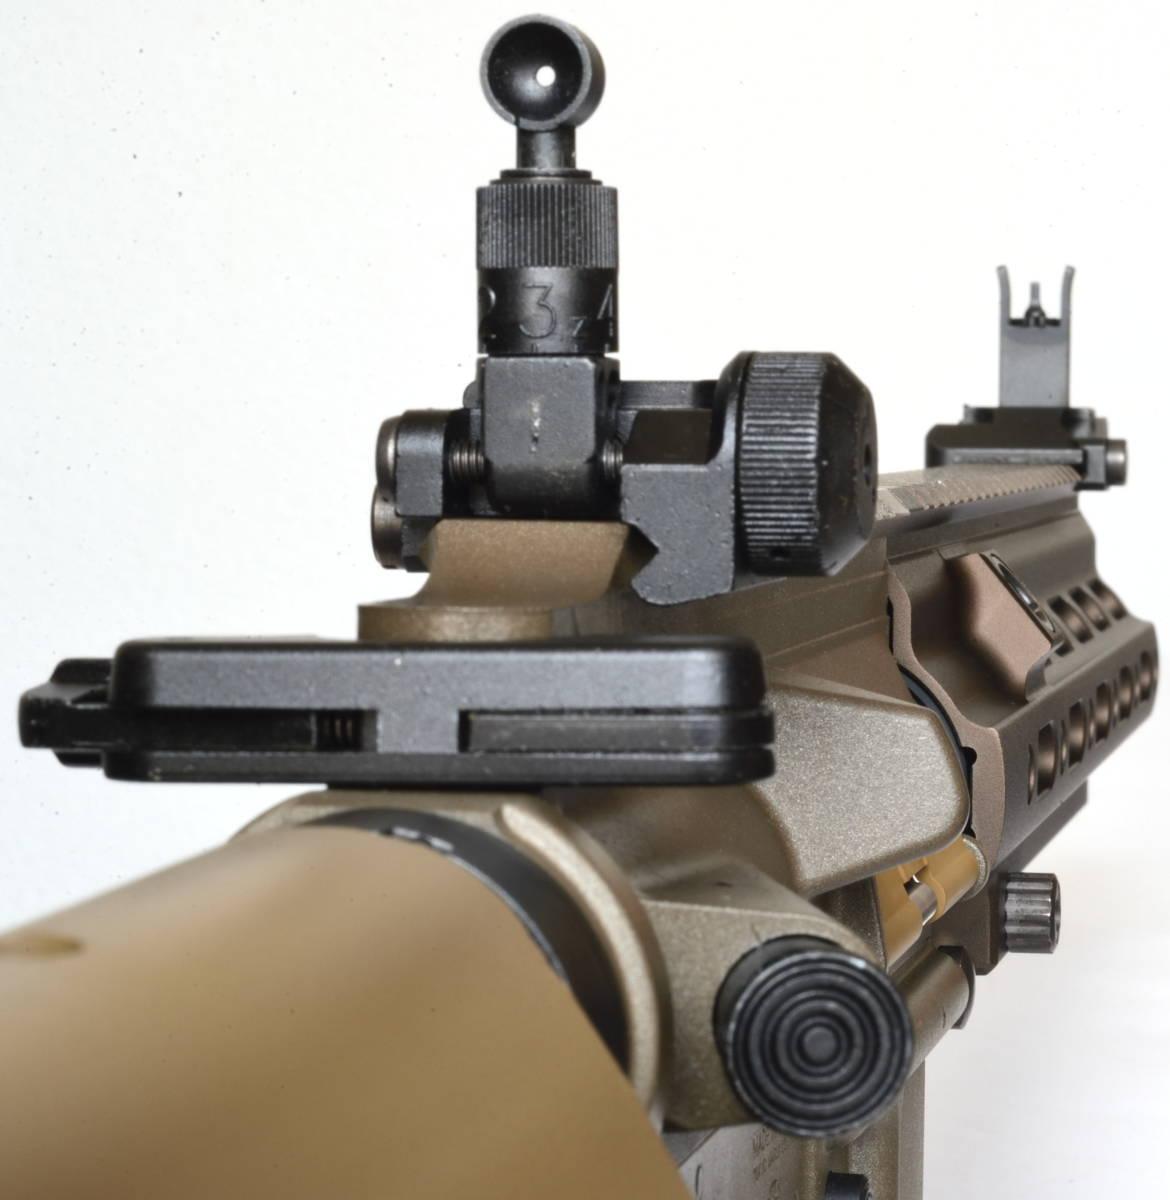 東京マルイ 次世代電動ガン HK416 デルタカスタム 一式 純正バッテリー マルフェスで配られたカタログ SBD付_画像10